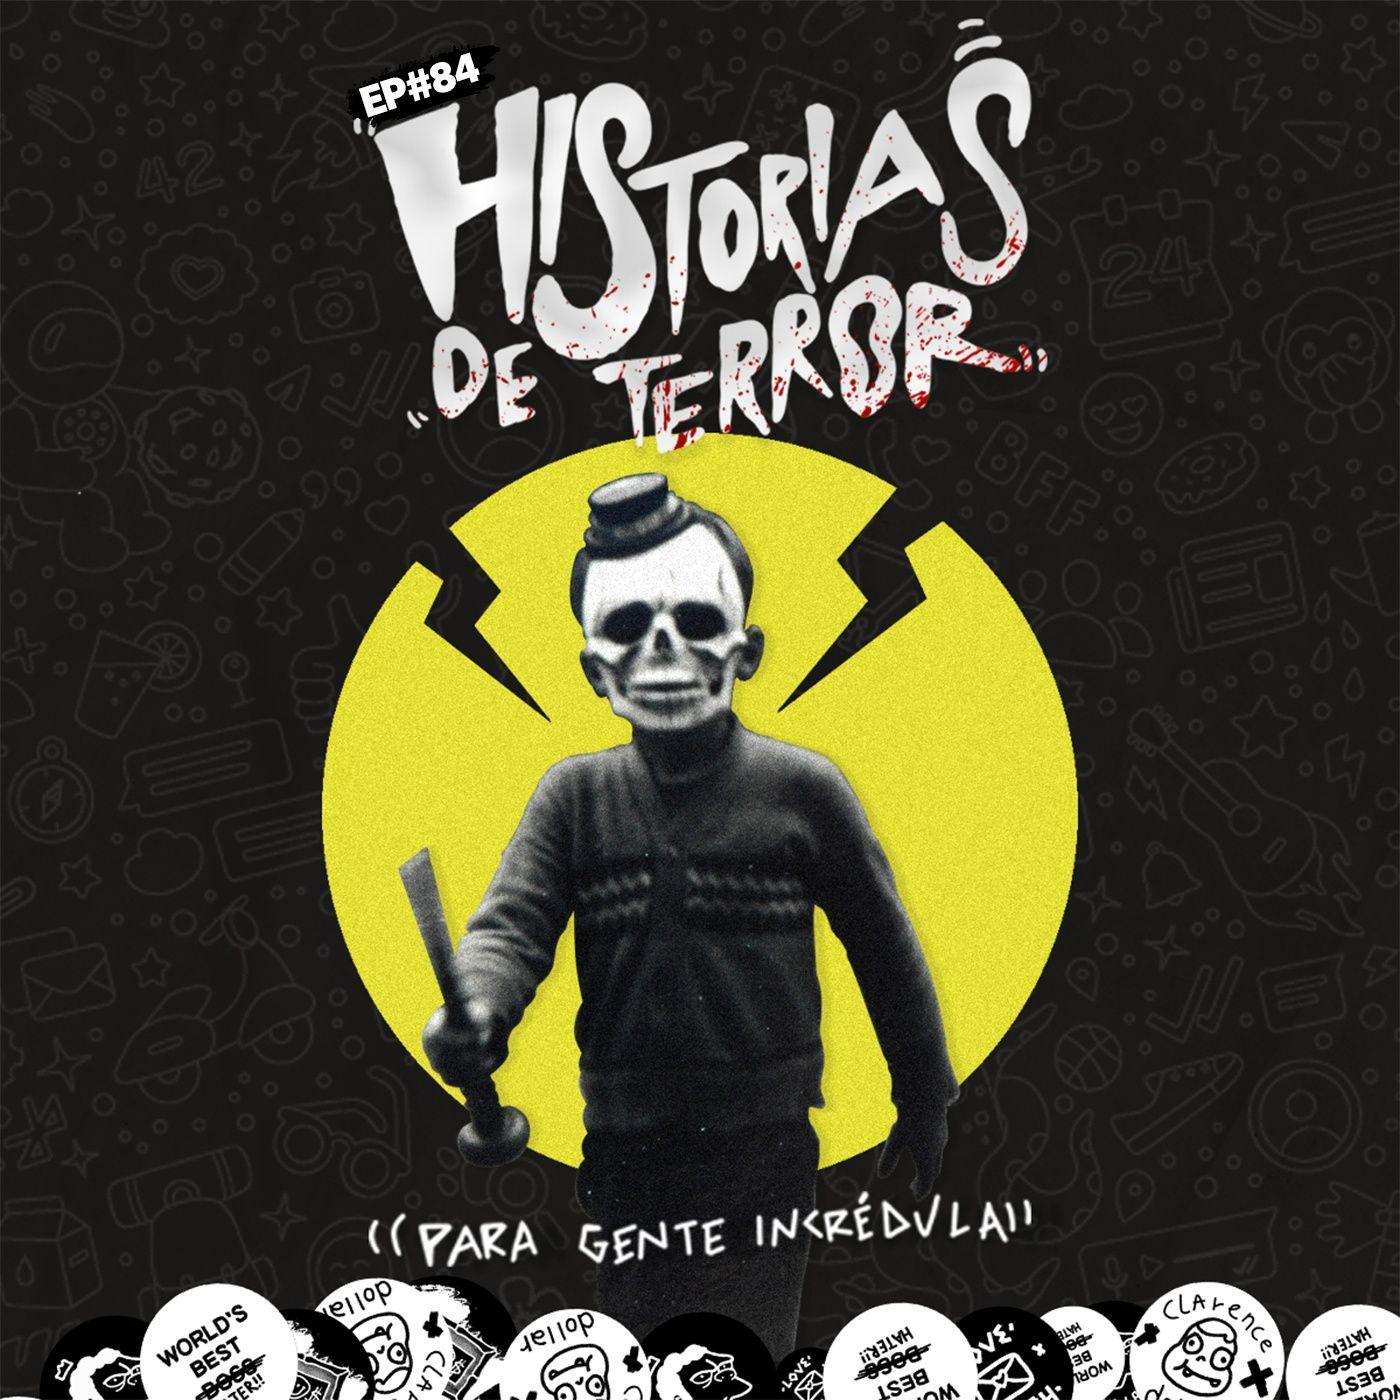 EP#84 - Historias de terror para gente incrédula